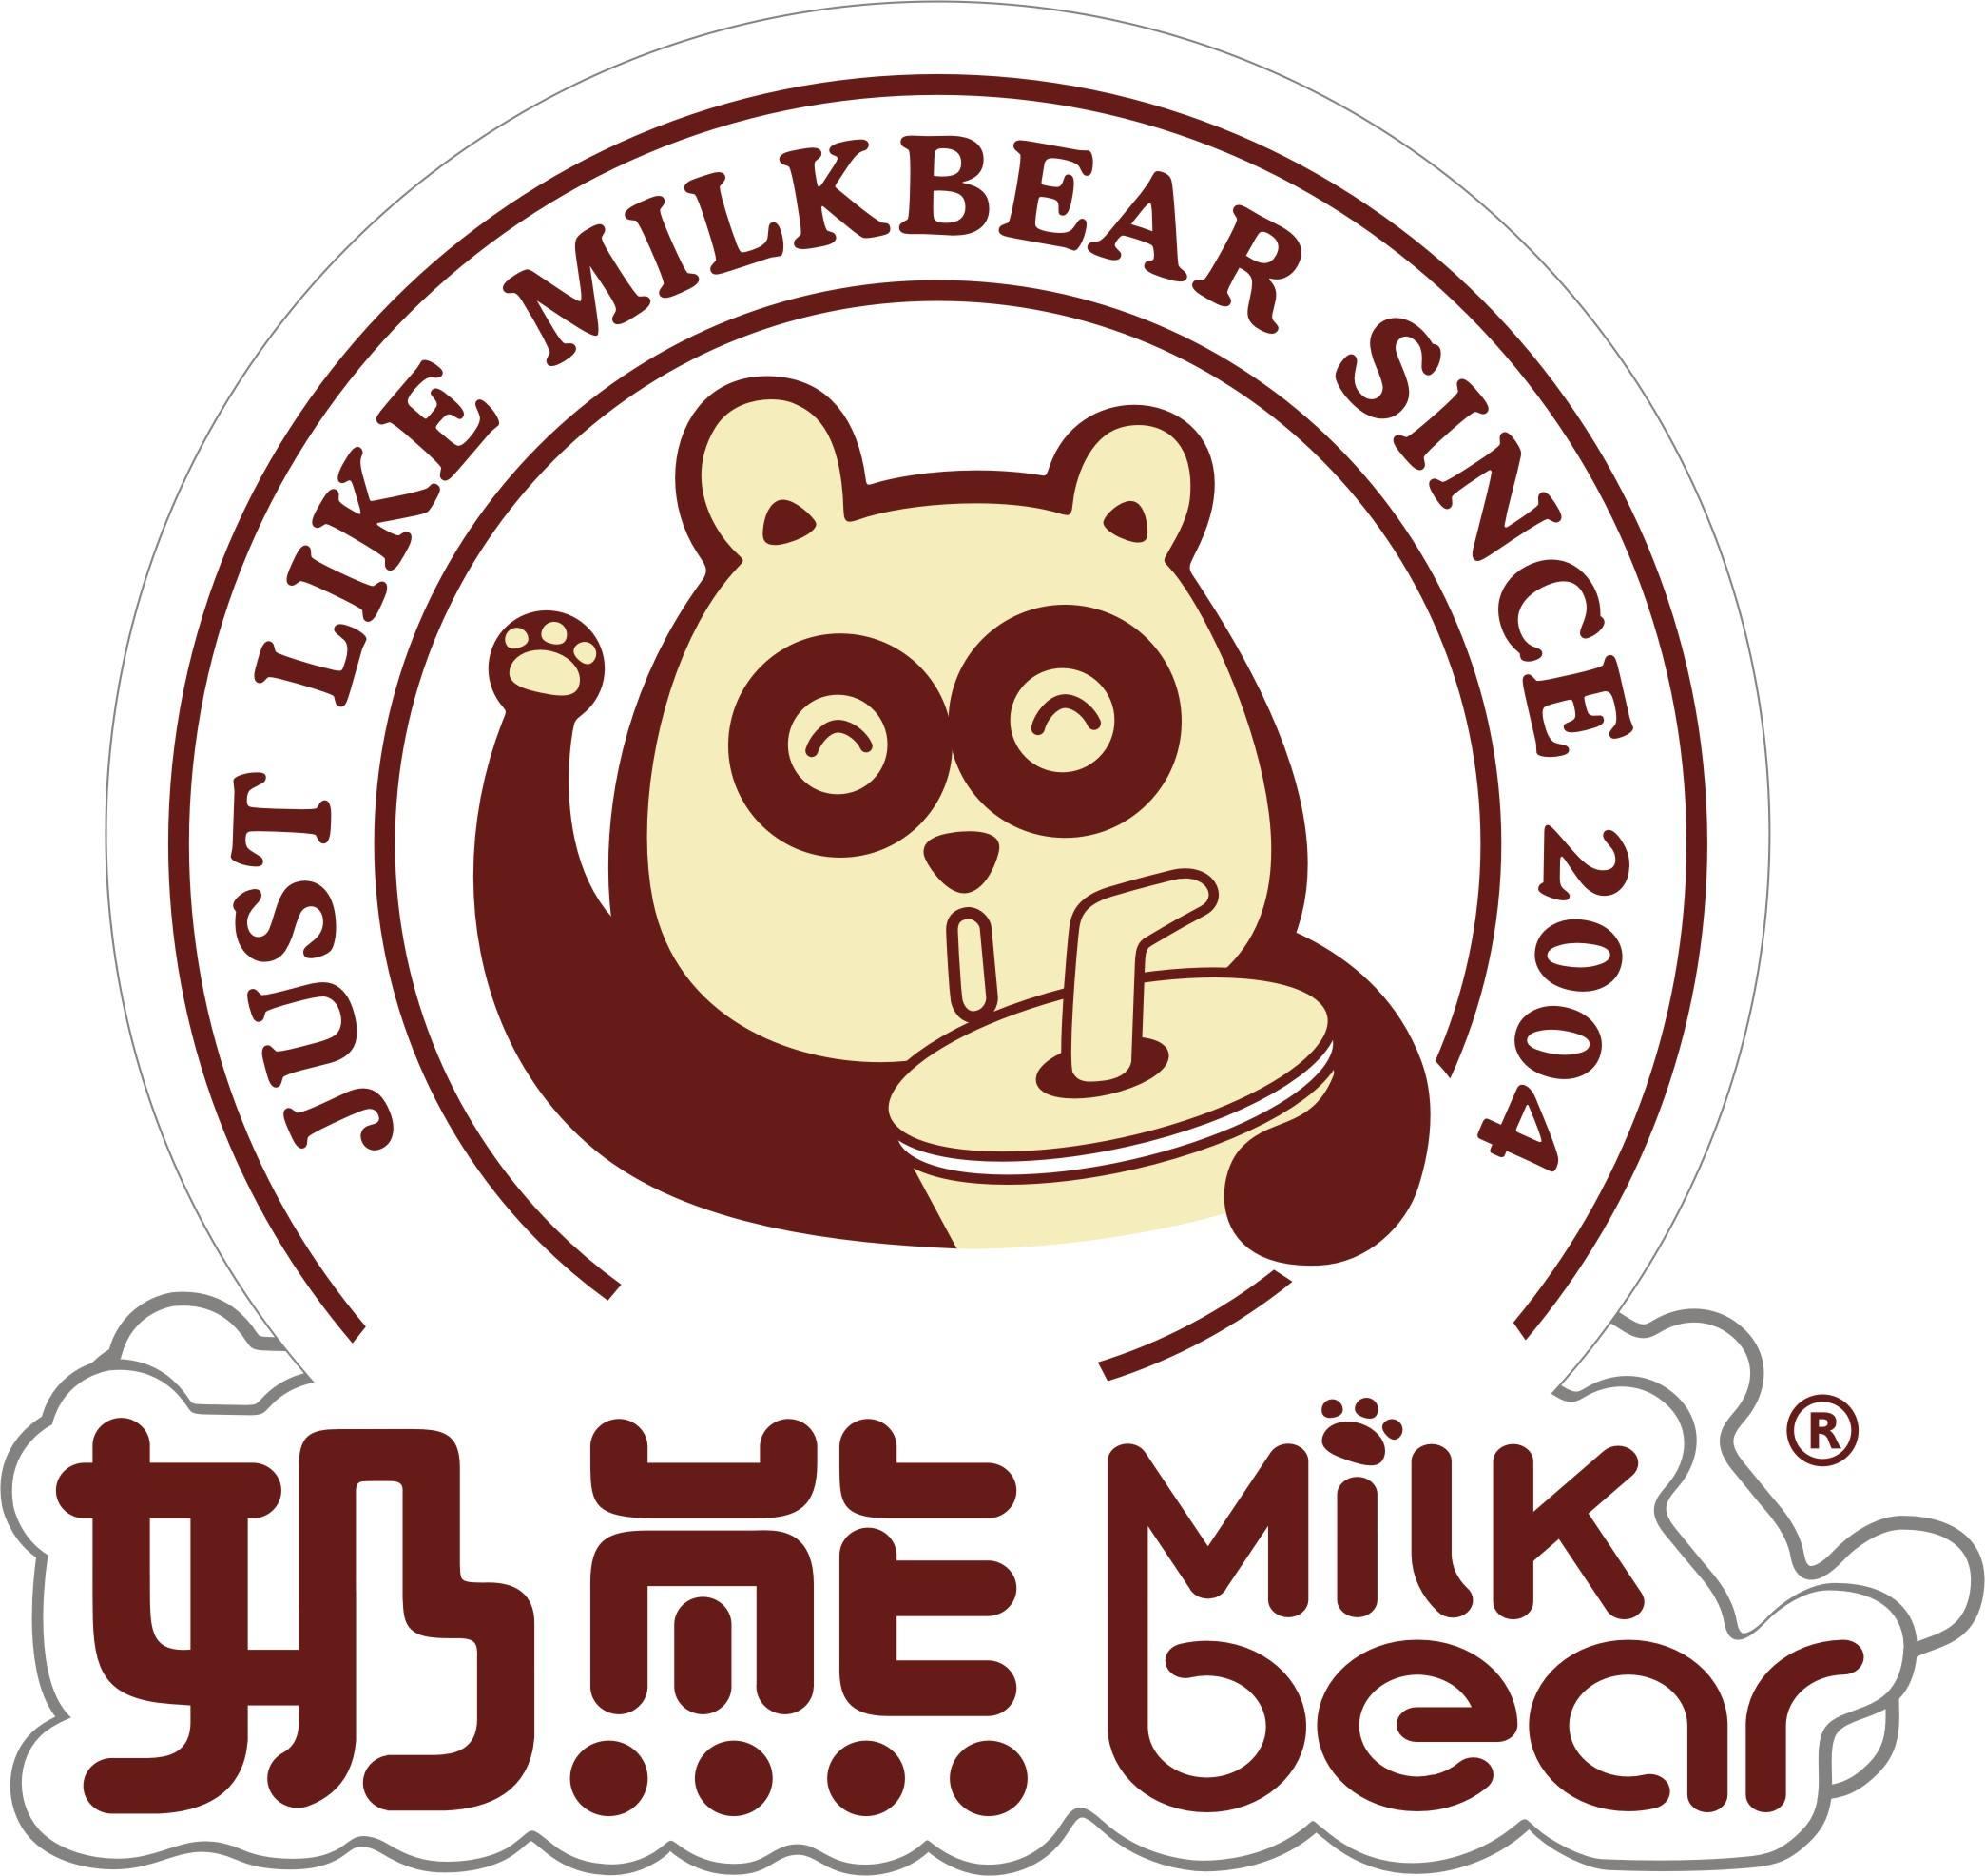 奶熊奶茶-开店加盟、创业商机、小本创业项目,加盟网